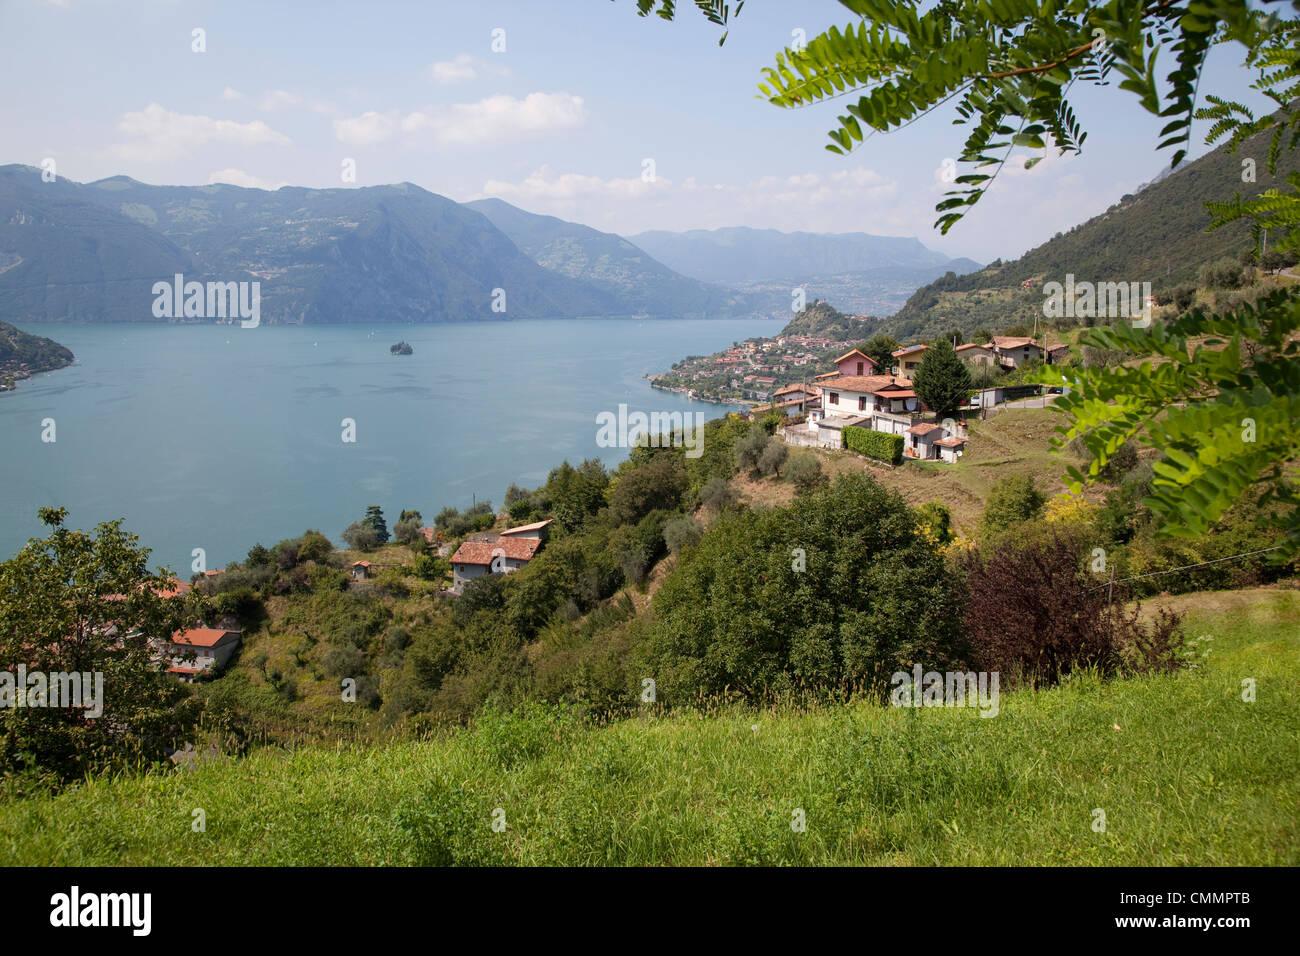 View toward Marone from near Sale Marasino, Lake Iseo, Lombardy, Italian Lakes, Italy, Europe - Stock Image